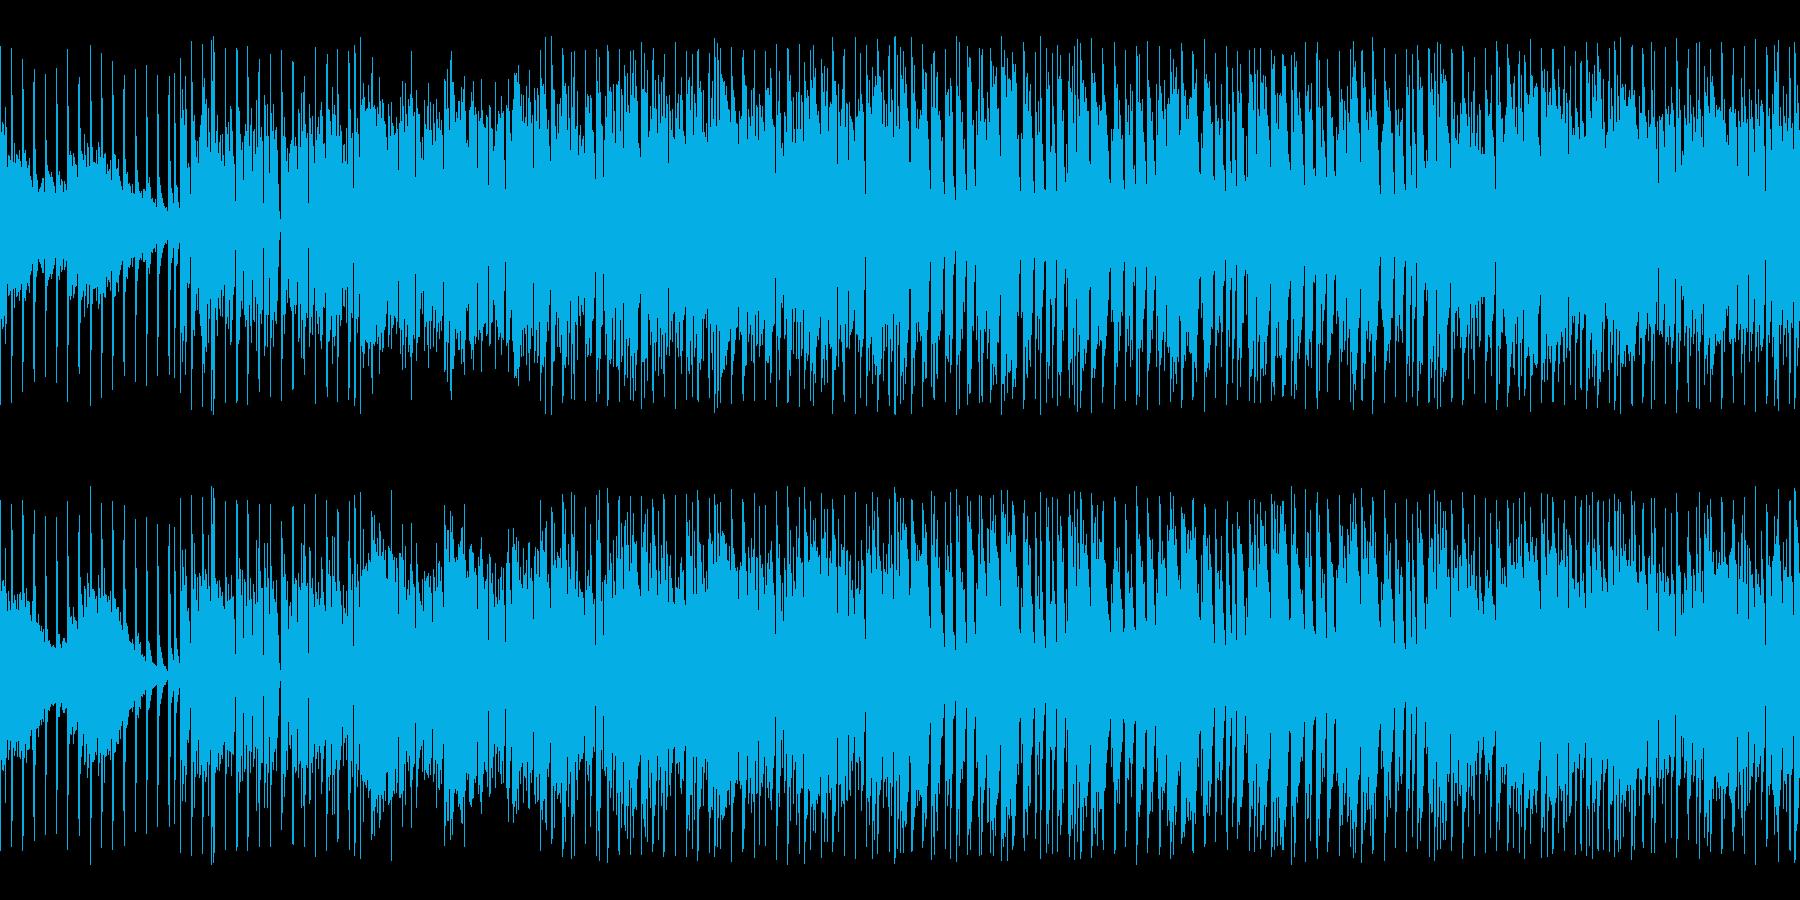 回転キラキラ明るいEDMなBGMループの再生済みの波形